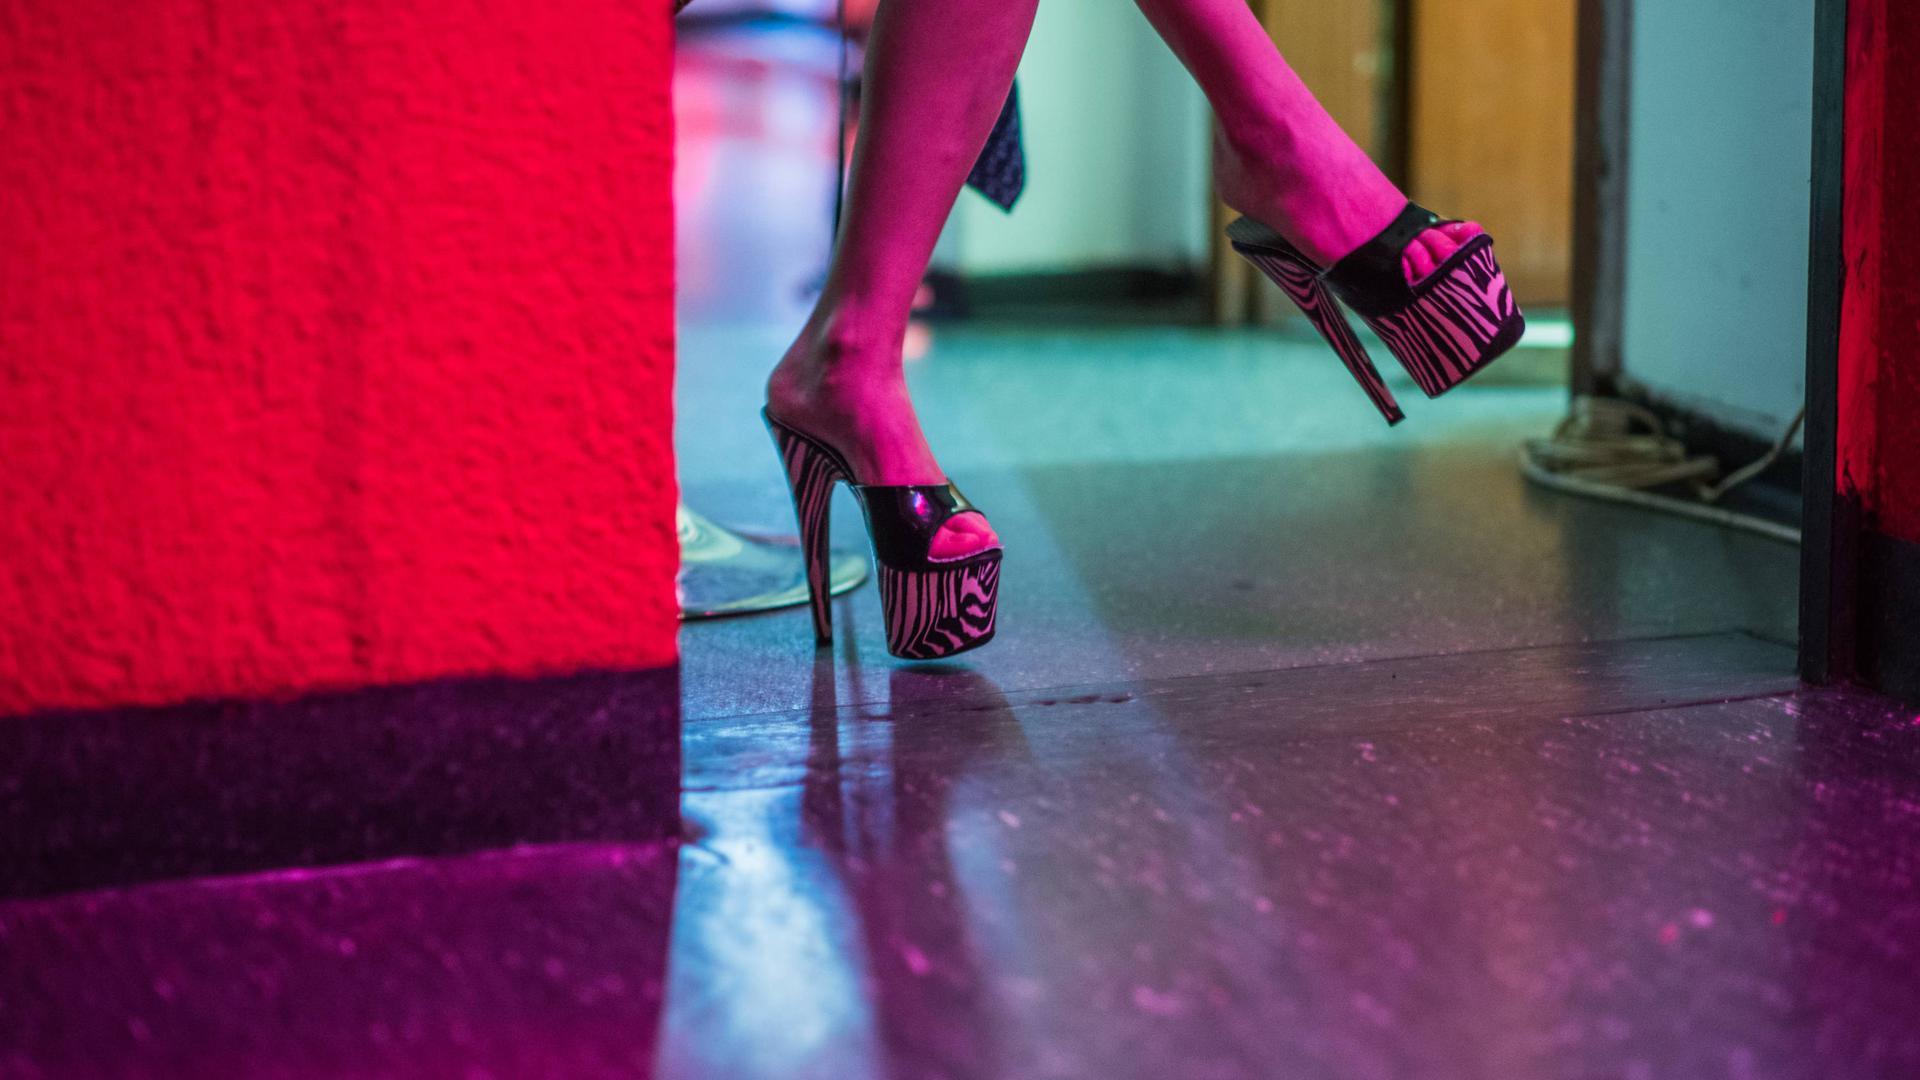 Arbeiten im Rotlichtmilieu: Etwa 200 Menschen im Landkreis Rastatt und im Stadtkreis Baden-Baden verdienen ihr Geld mit Prostitution.